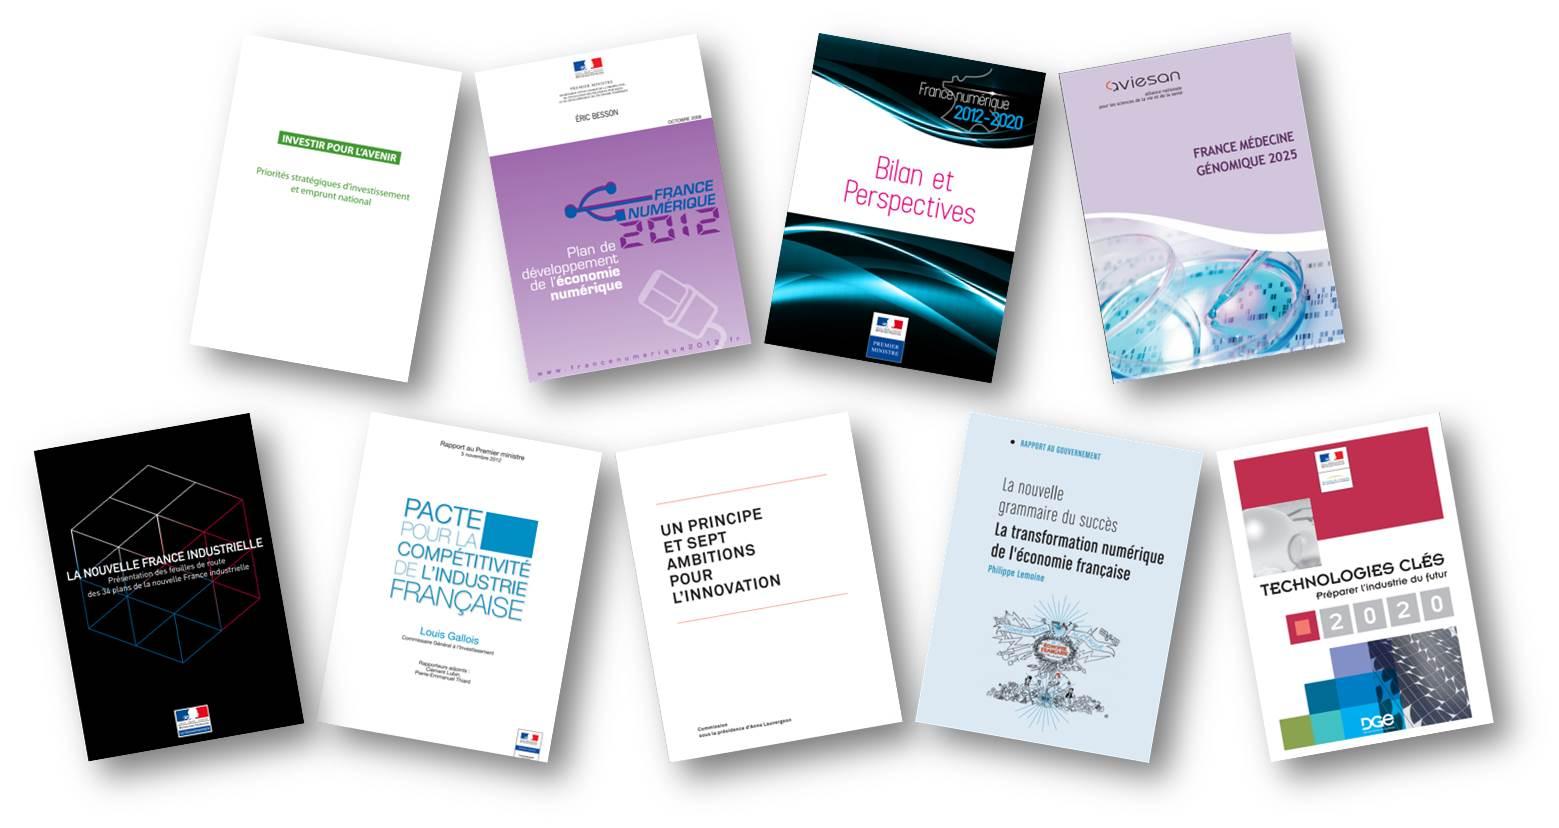 Plans Industriels France